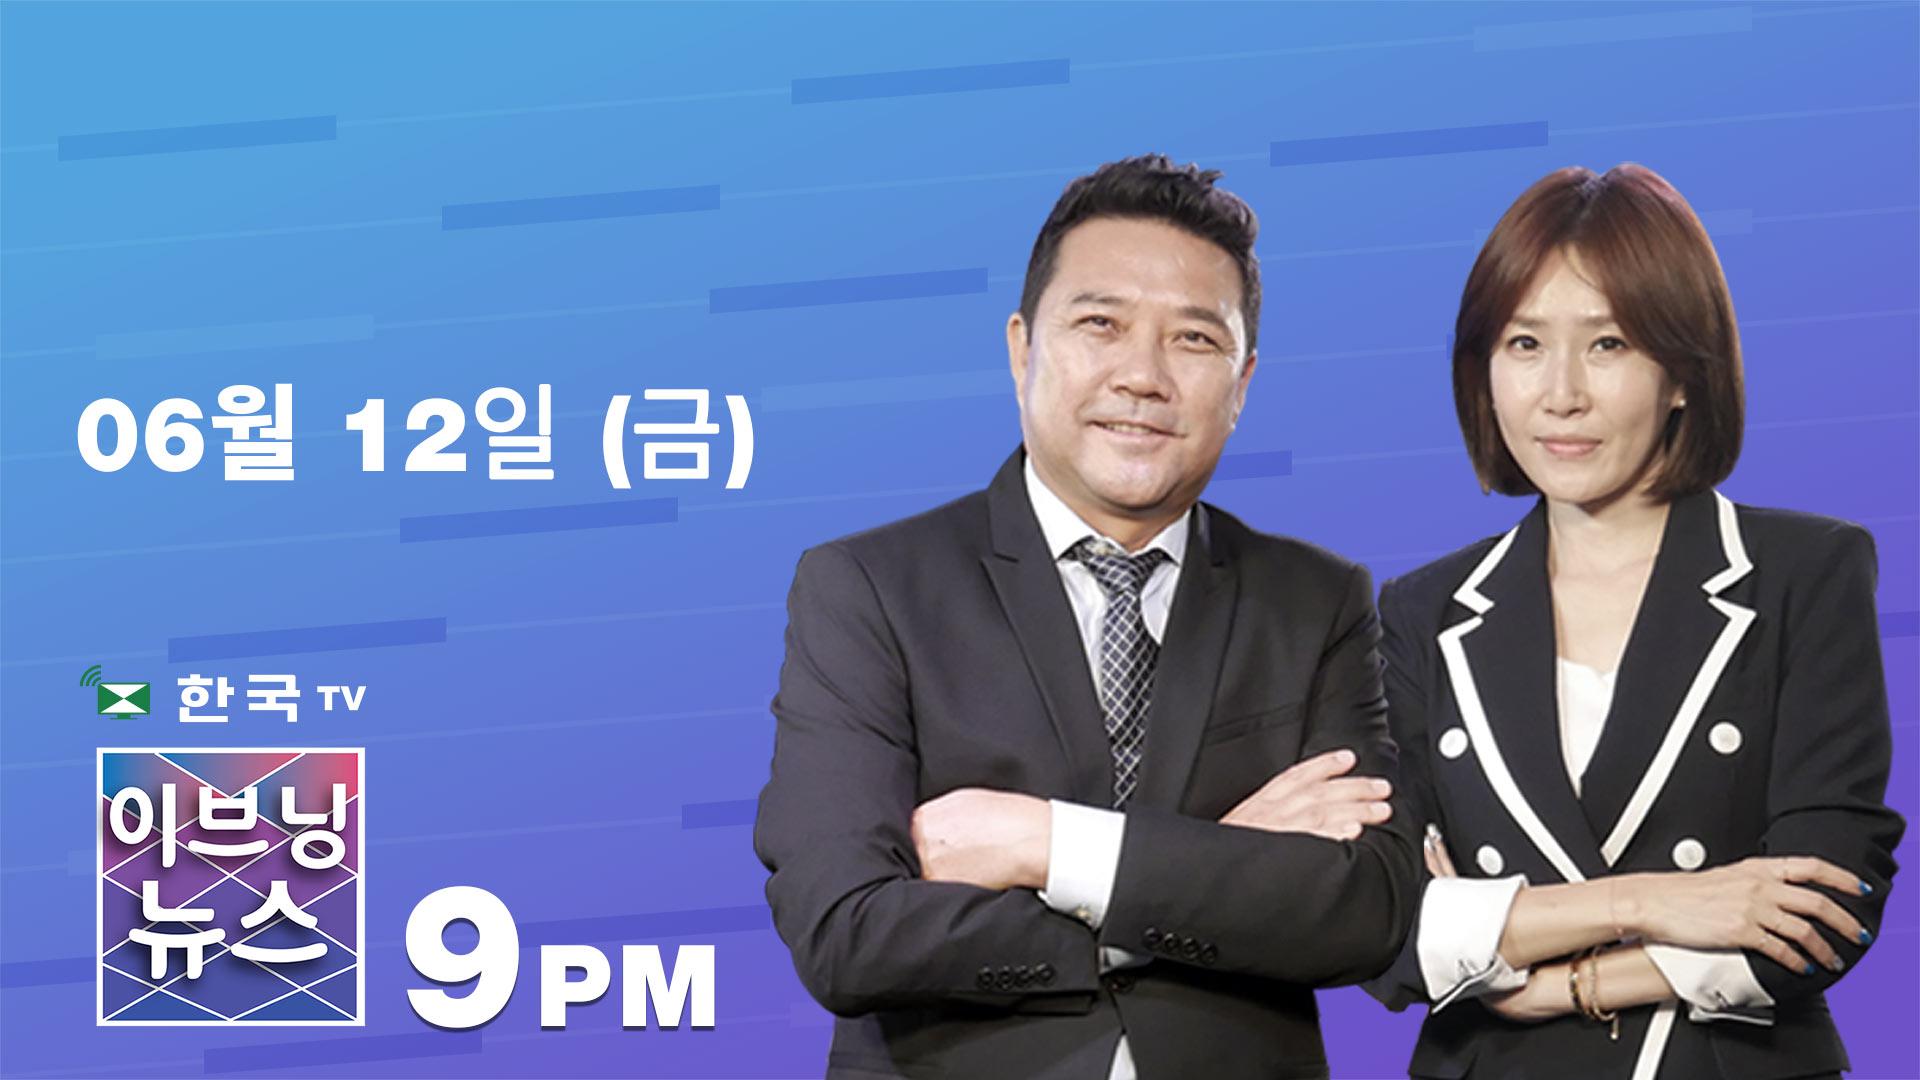 (06.12.2020) 한국TV 이브닝 뉴스